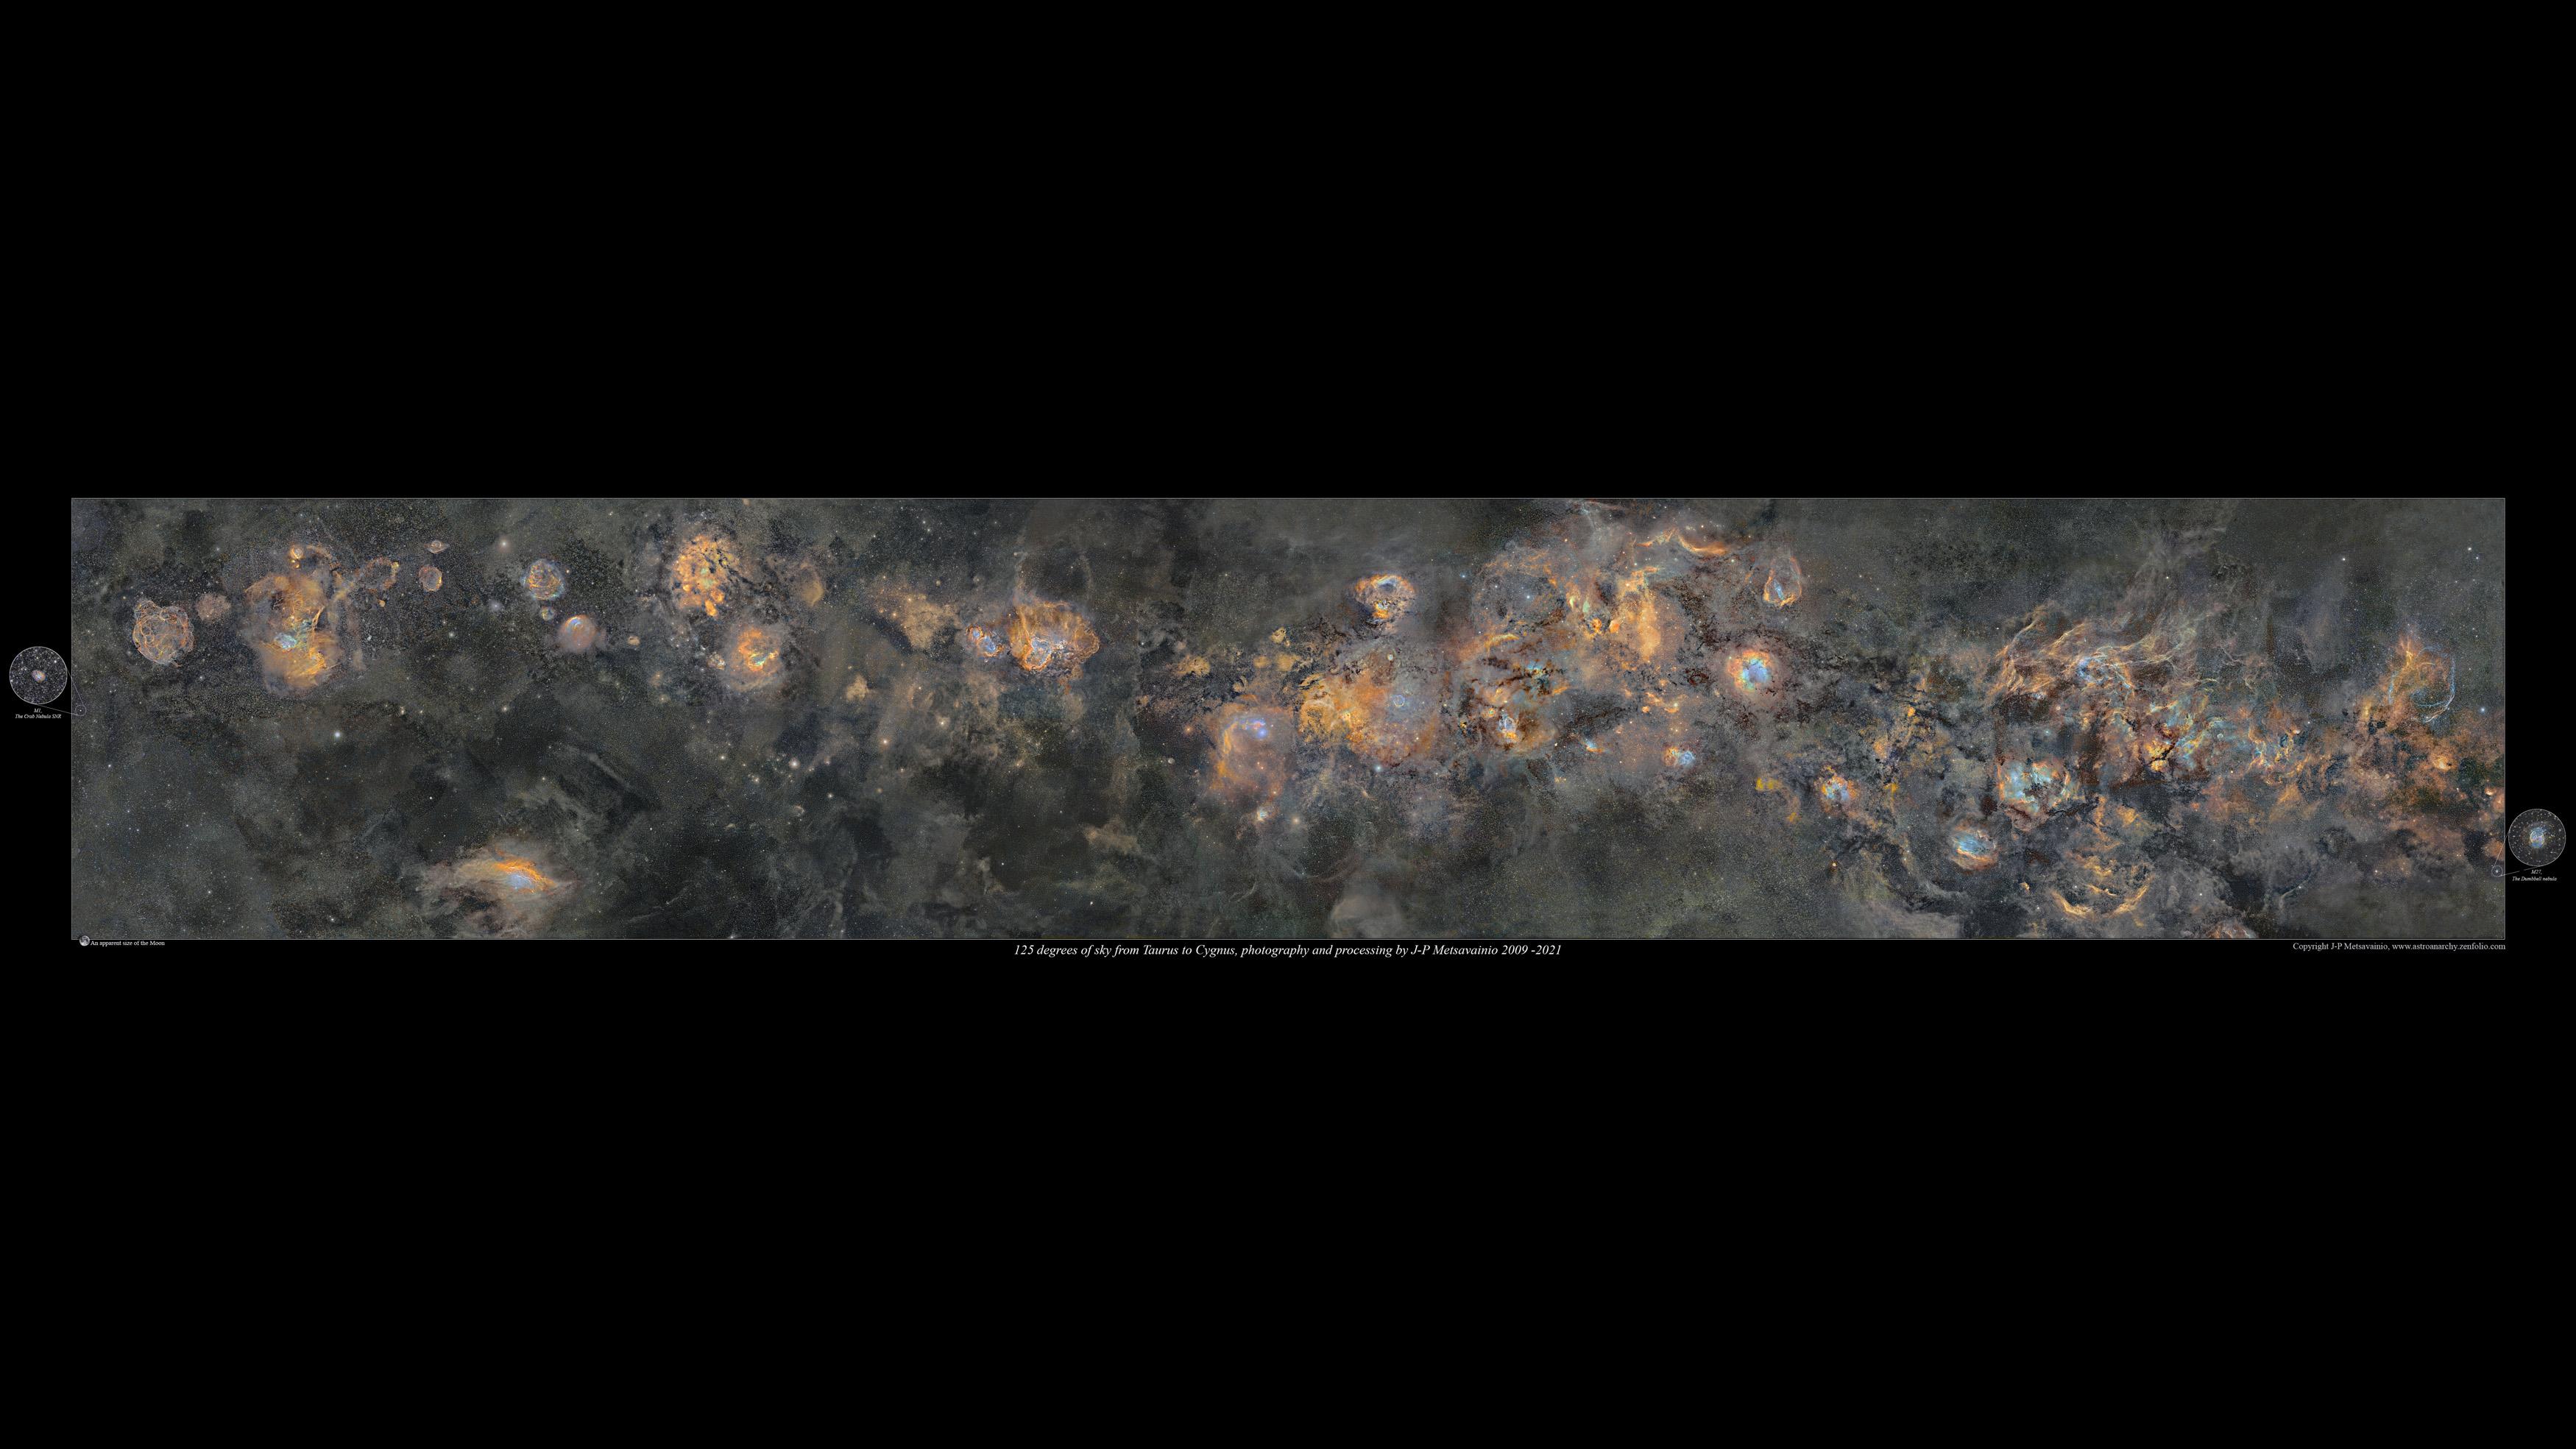 La mosaïque de la Voie lactée est représentée ici par des couleurs mappées de la lumière émise par un élément ionisé, hydrogène = vert, soufre = rouge et oxygène = bleu.  REMARQUE, la taille apparente de la lune dans un coin inférieur gauche.